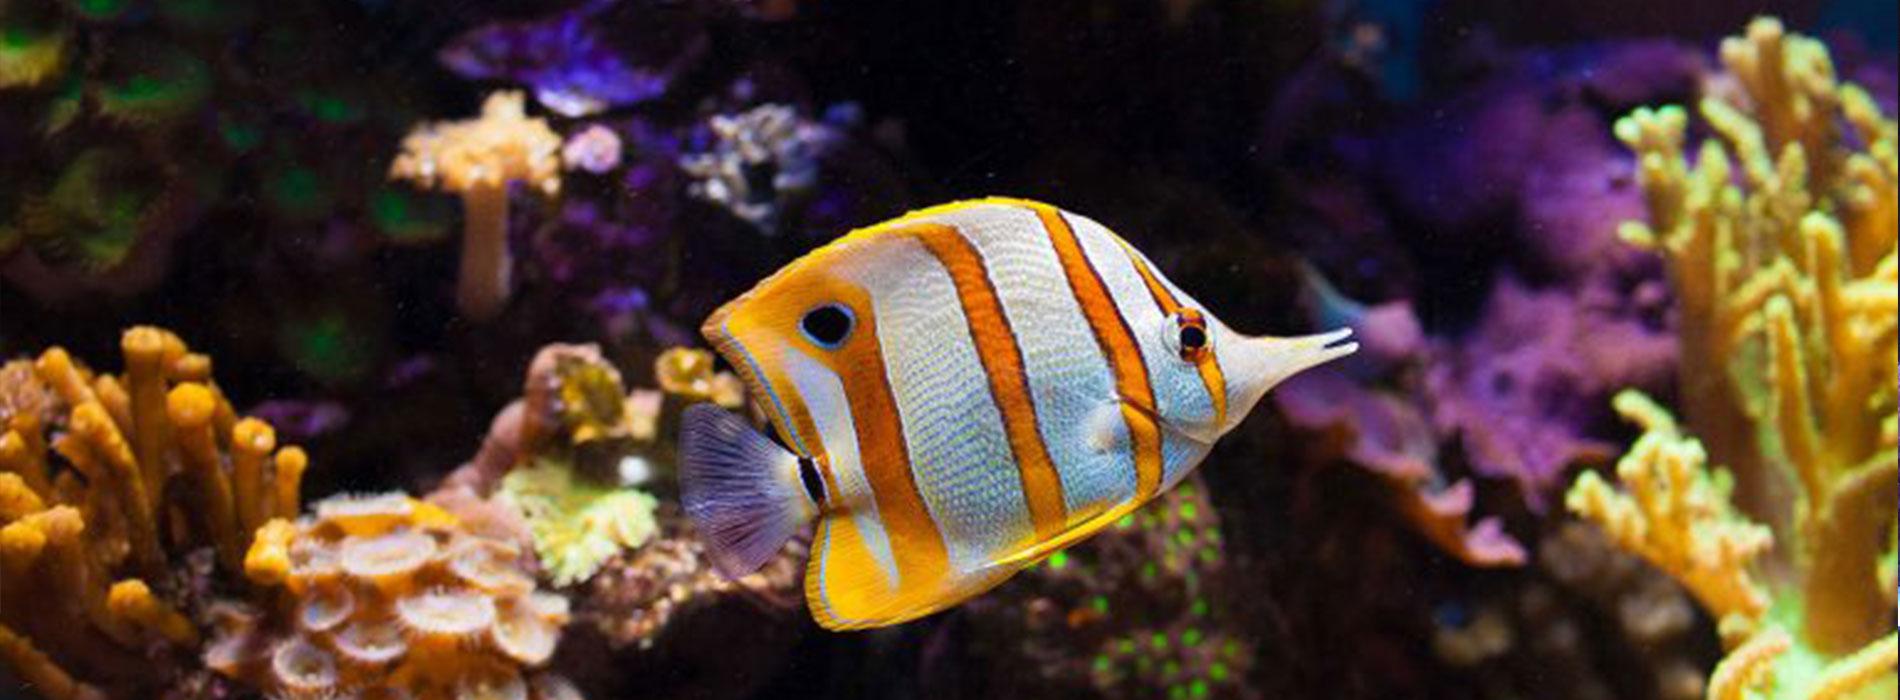 نگهداری از ماهی رنگی در آکواریوم